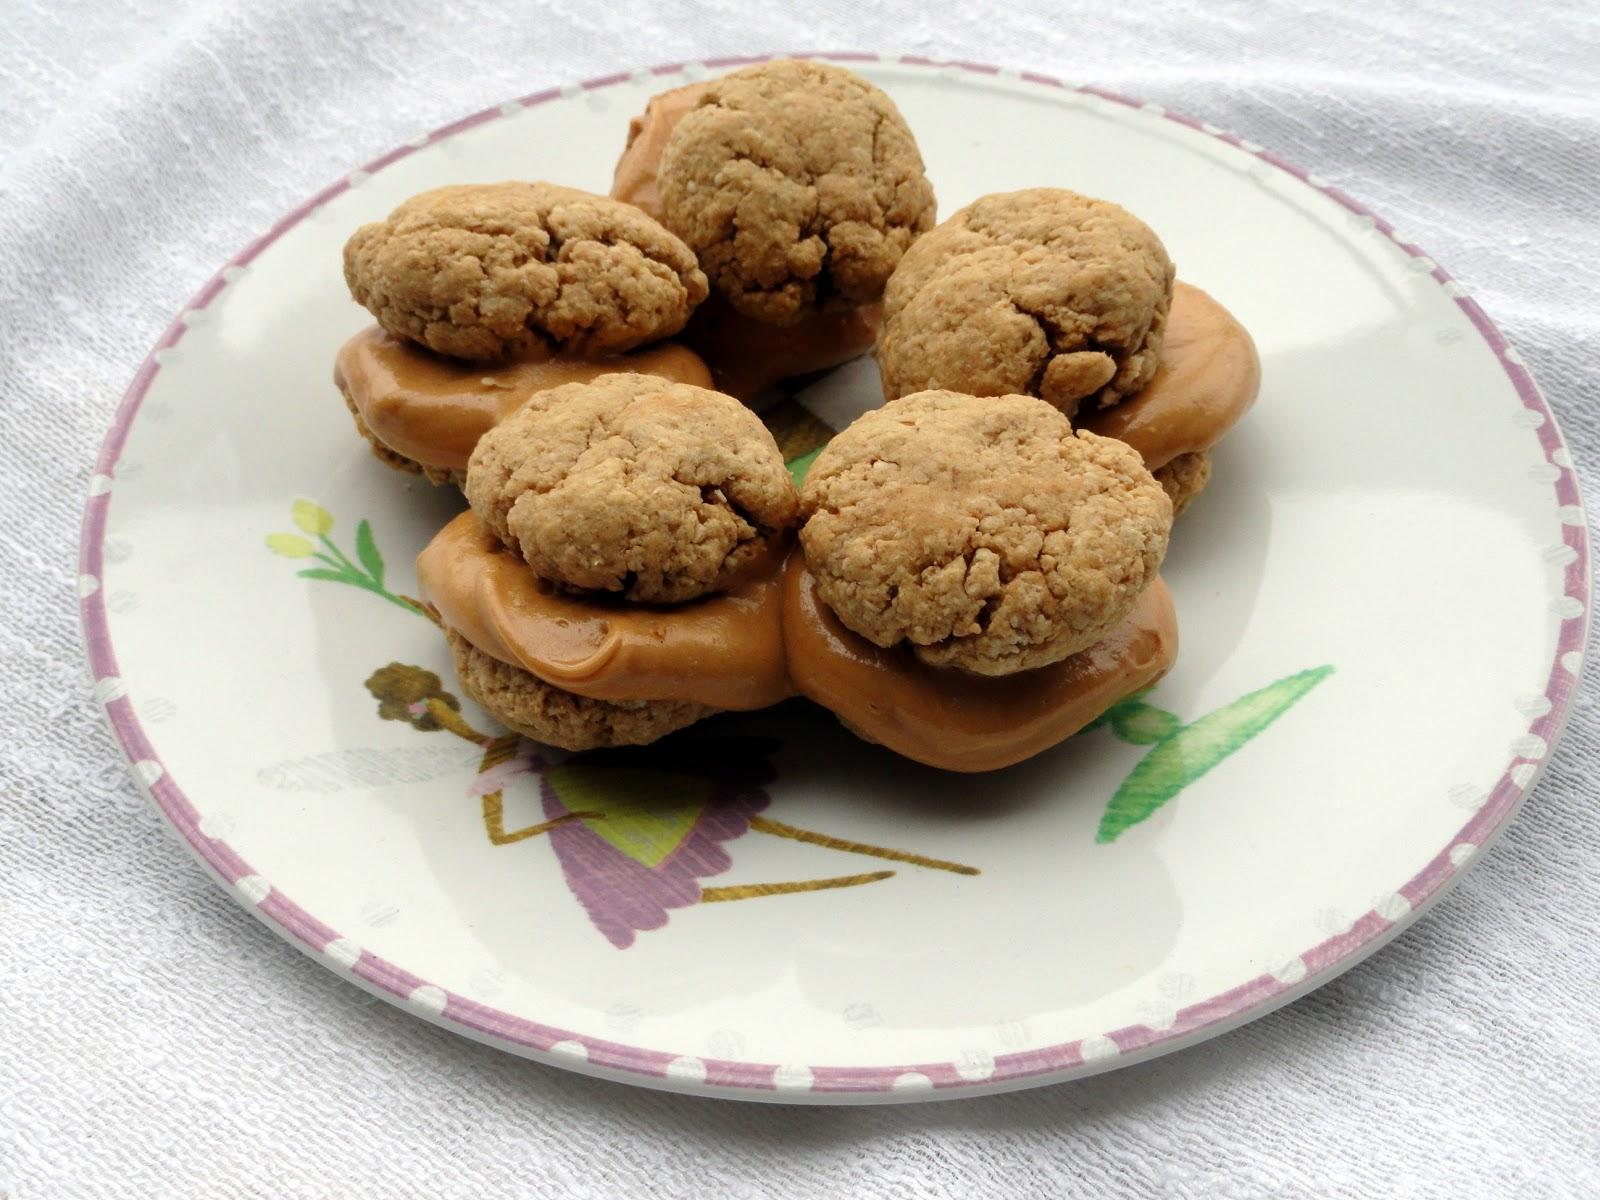 As Good As Gluten: Oatmeal Peanut Butter Sandwich Cookies